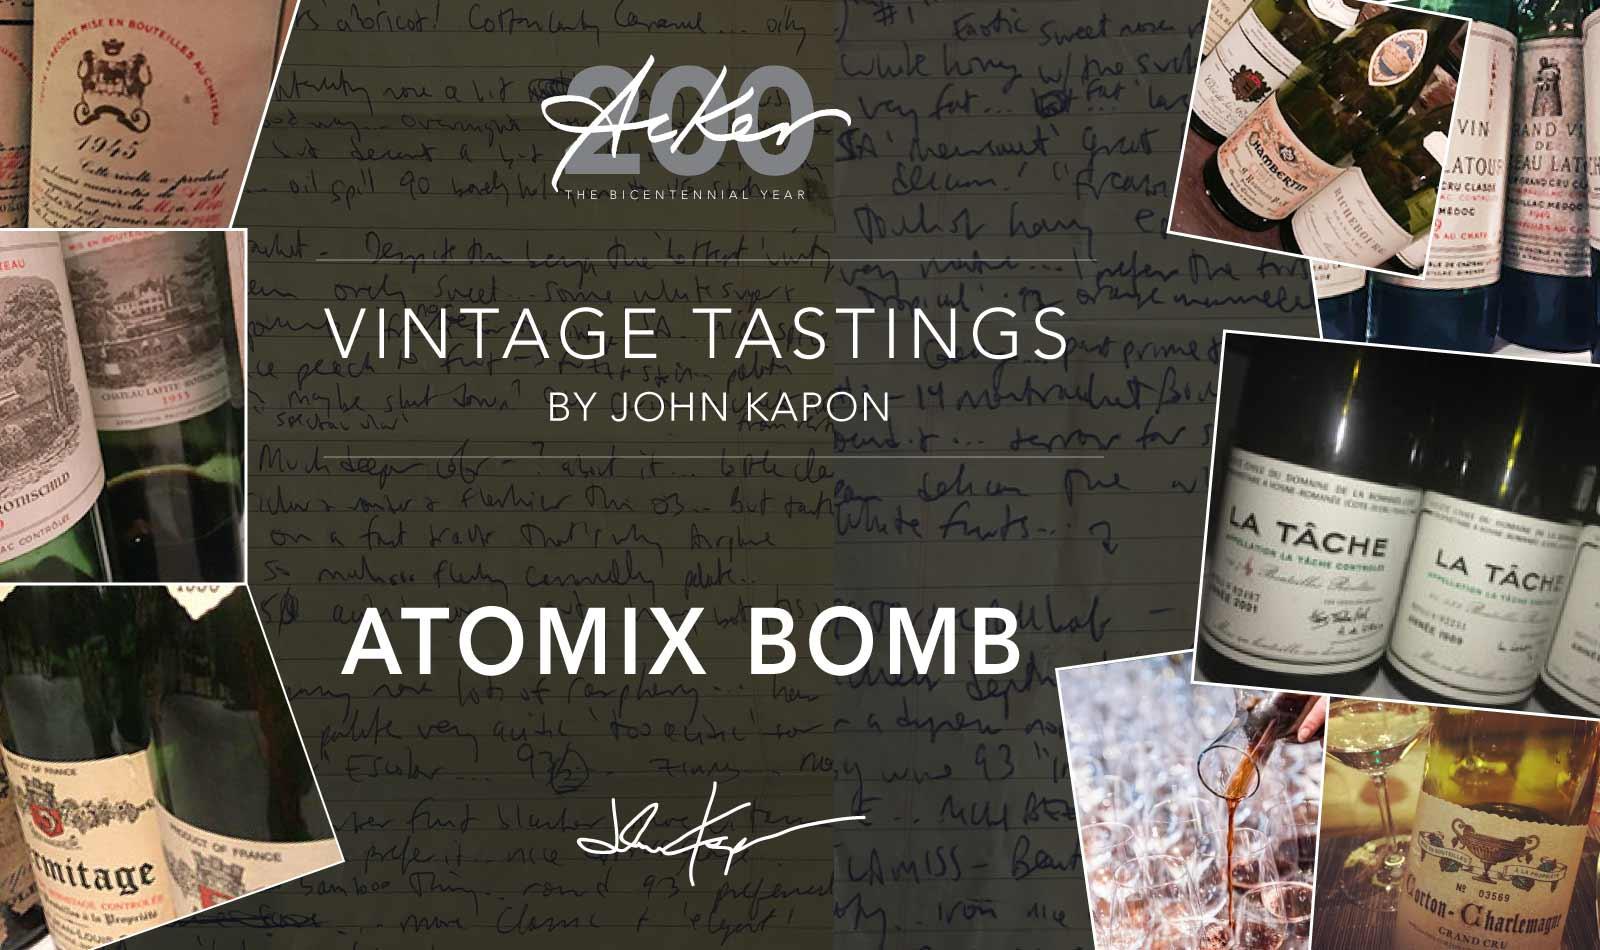 Atomix Bomb